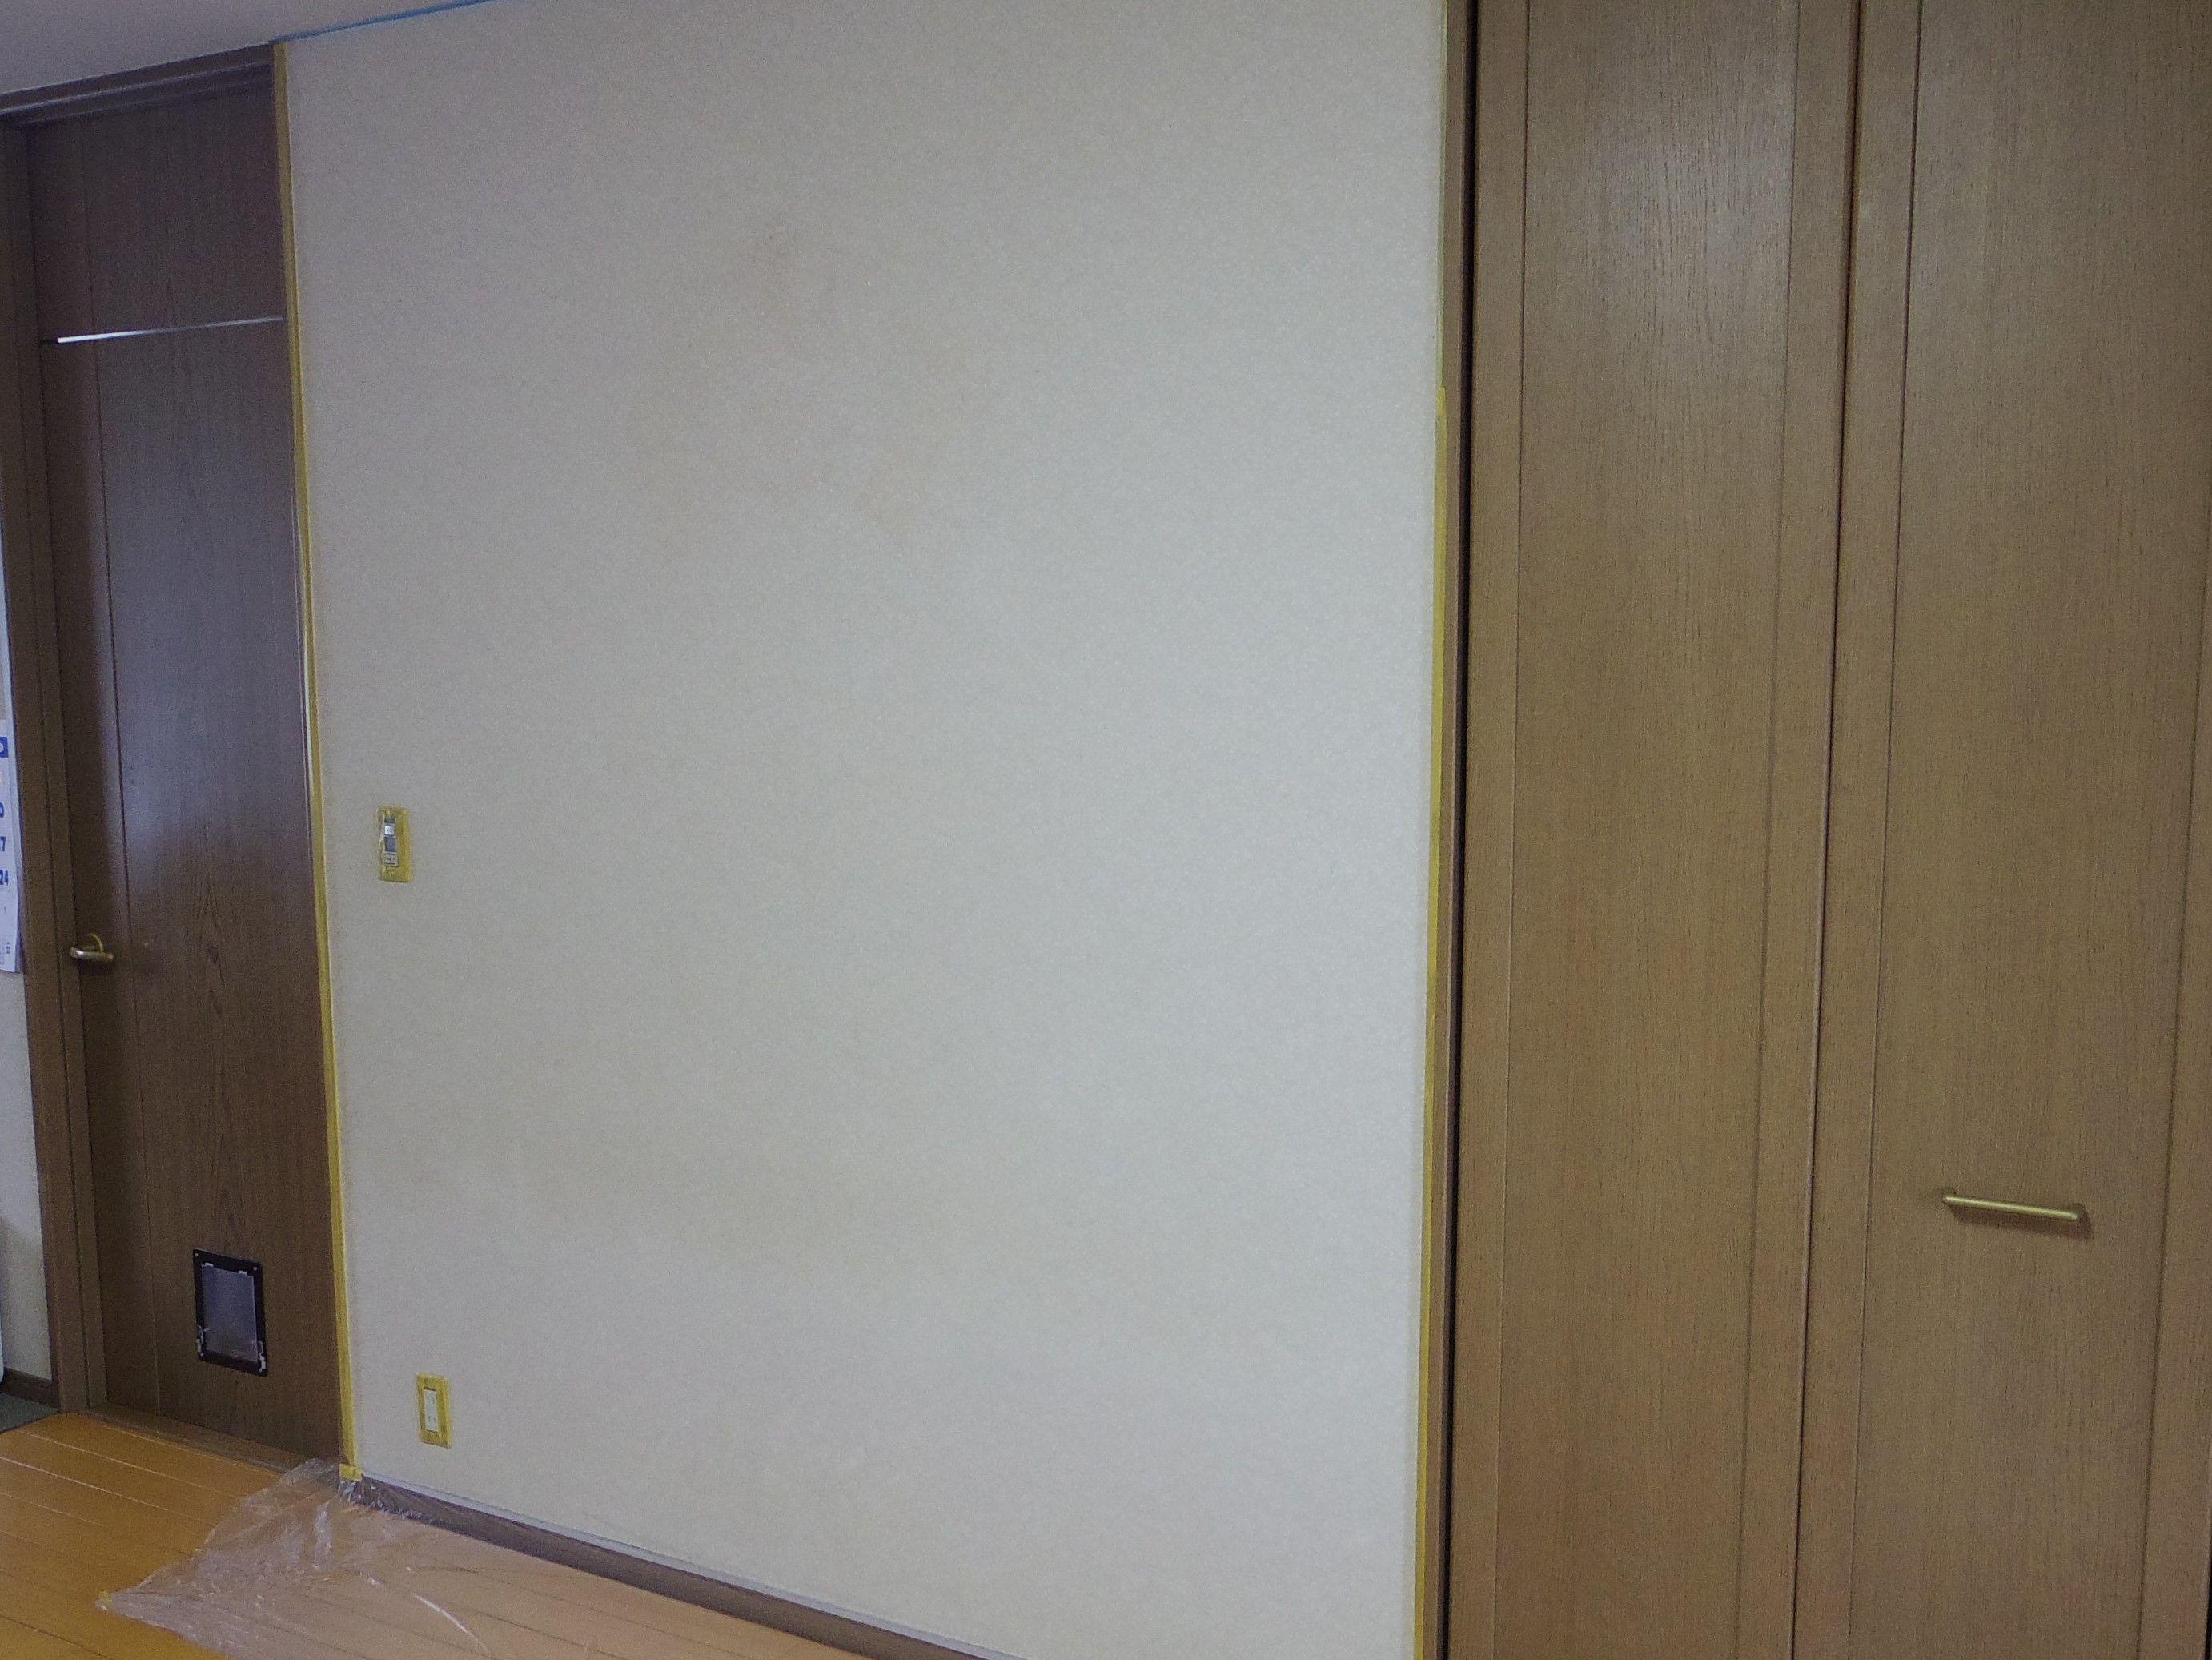 防カビ 塗装 練り漆喰 壁材 外壁 漆喰 練り リノベーション 左官